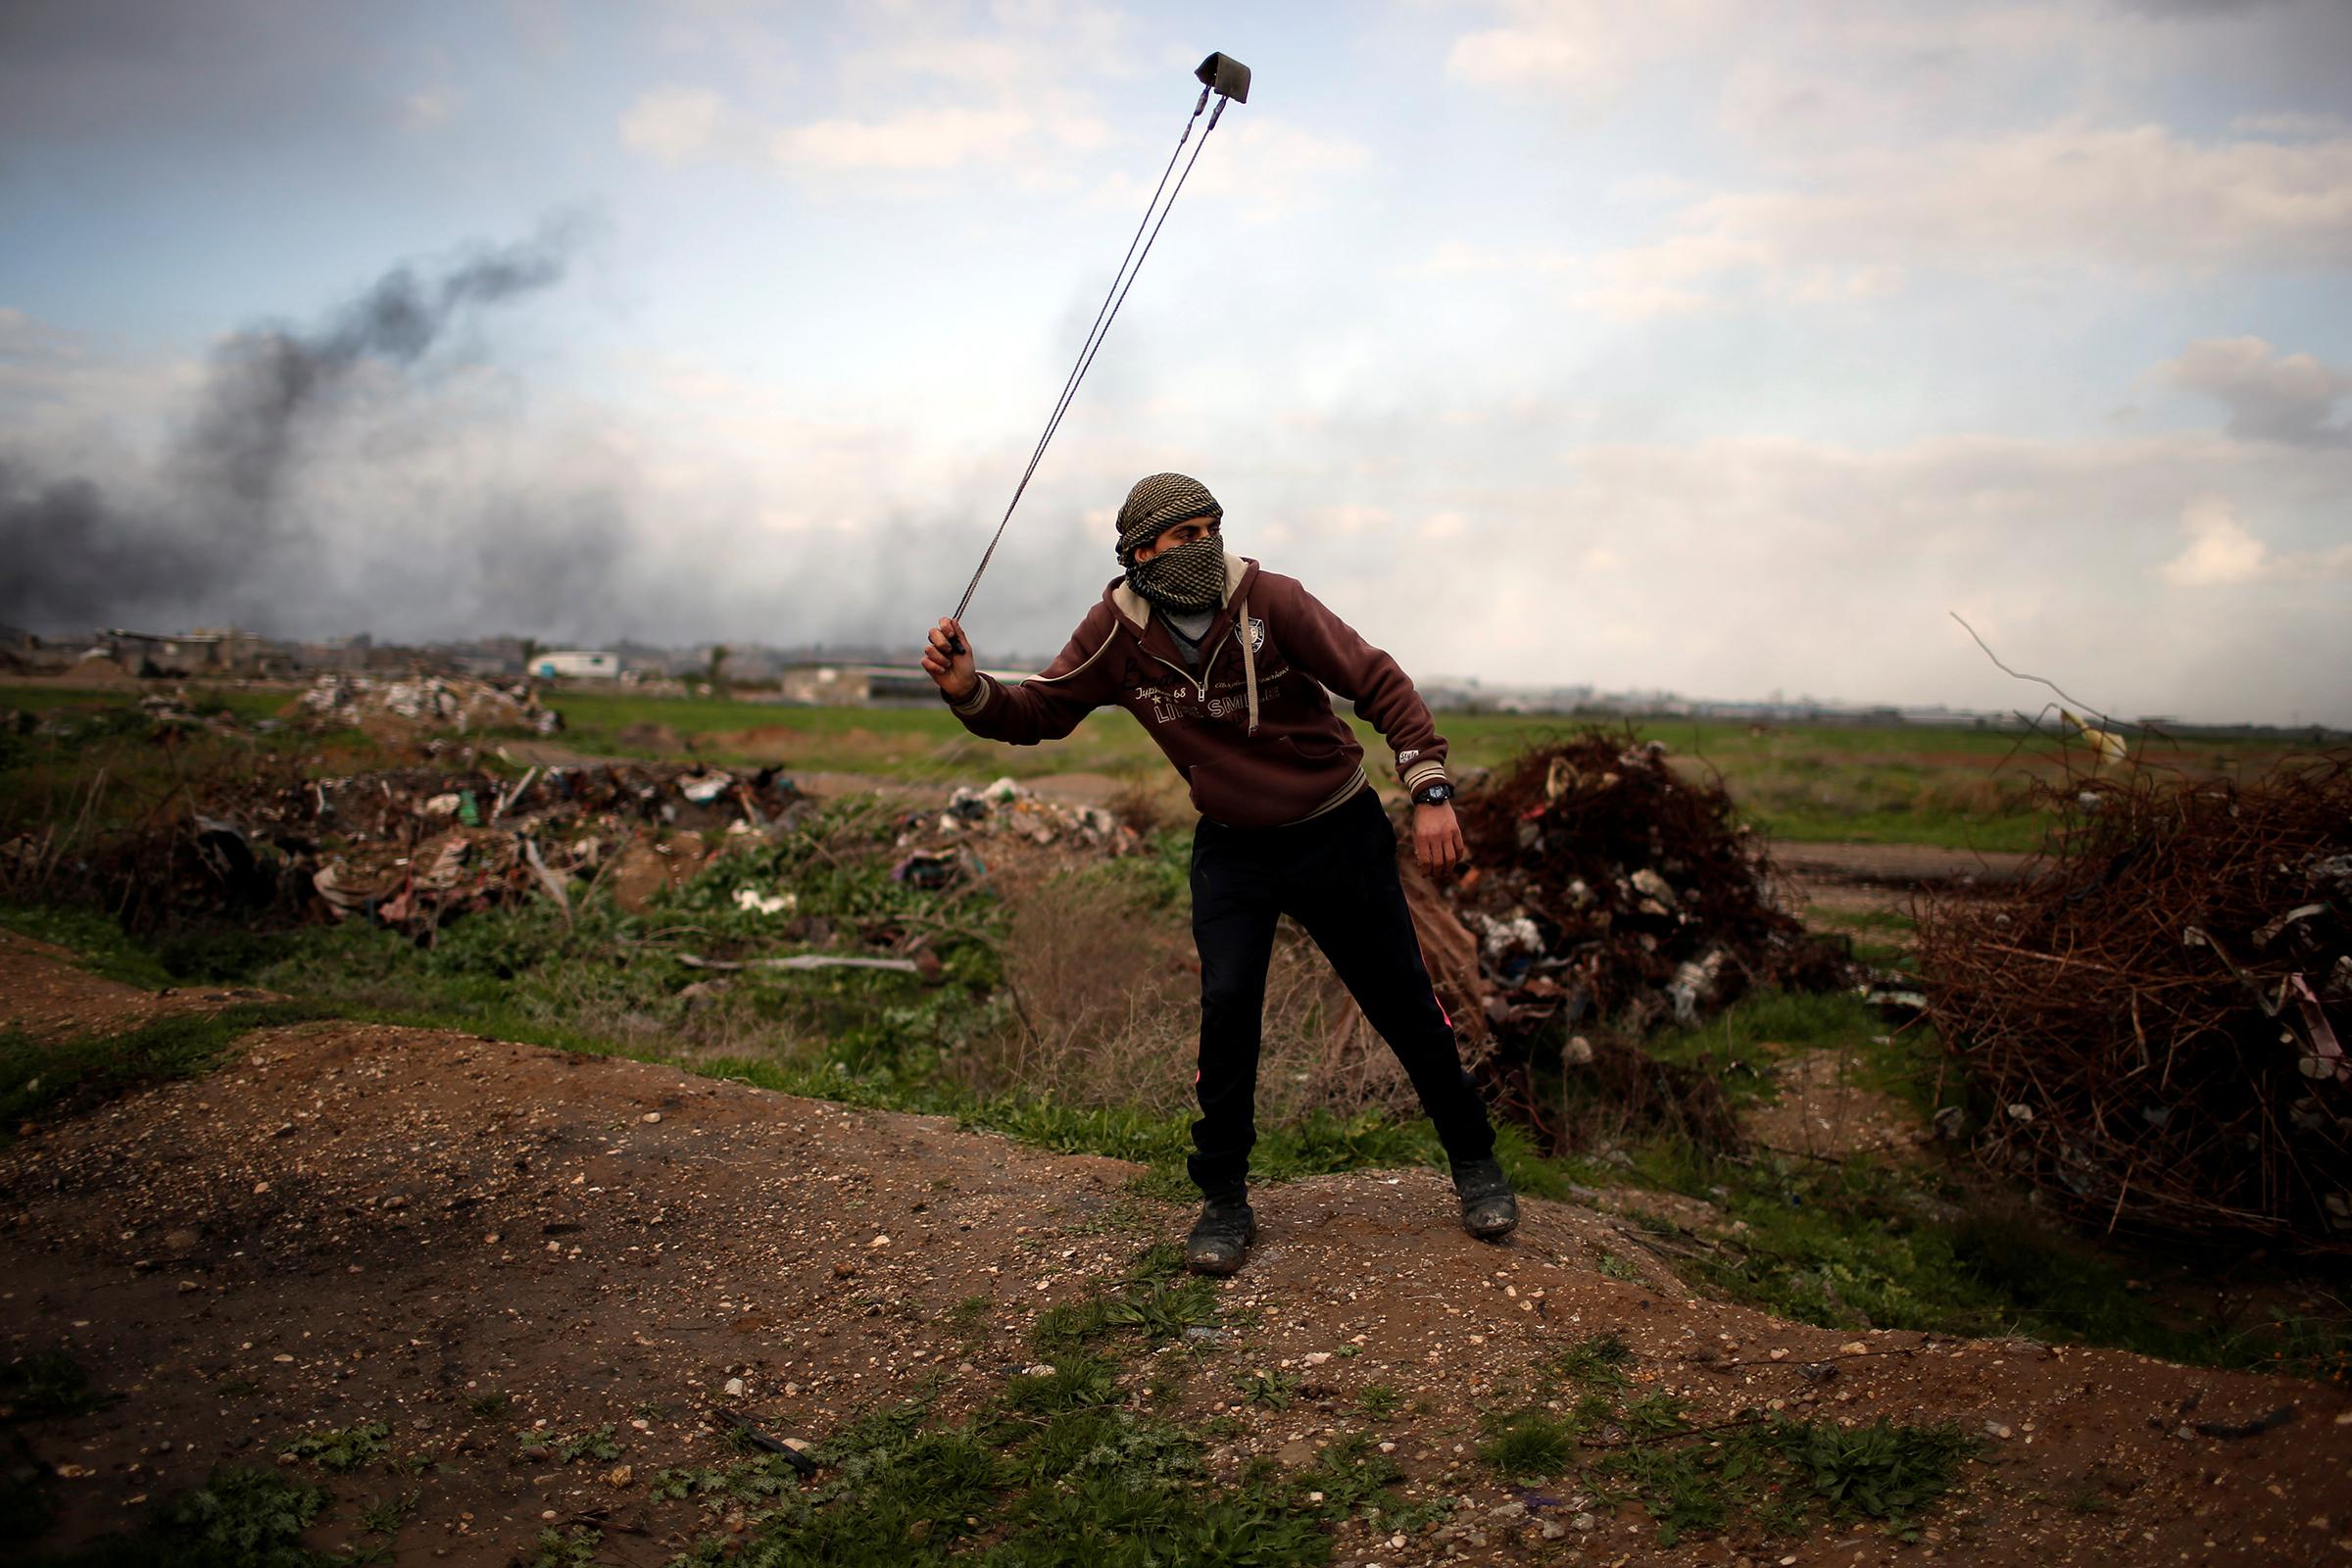 «Все, что я могу сделать, чтобы остановить решение Трампа, — взять эту веревку и бросать камни в израильских солдат, вооруженных с ног до головы. Я мечтаю, что однажды арабы и другие мусульмане объединятся в борьбе за возвращение нашей земли».